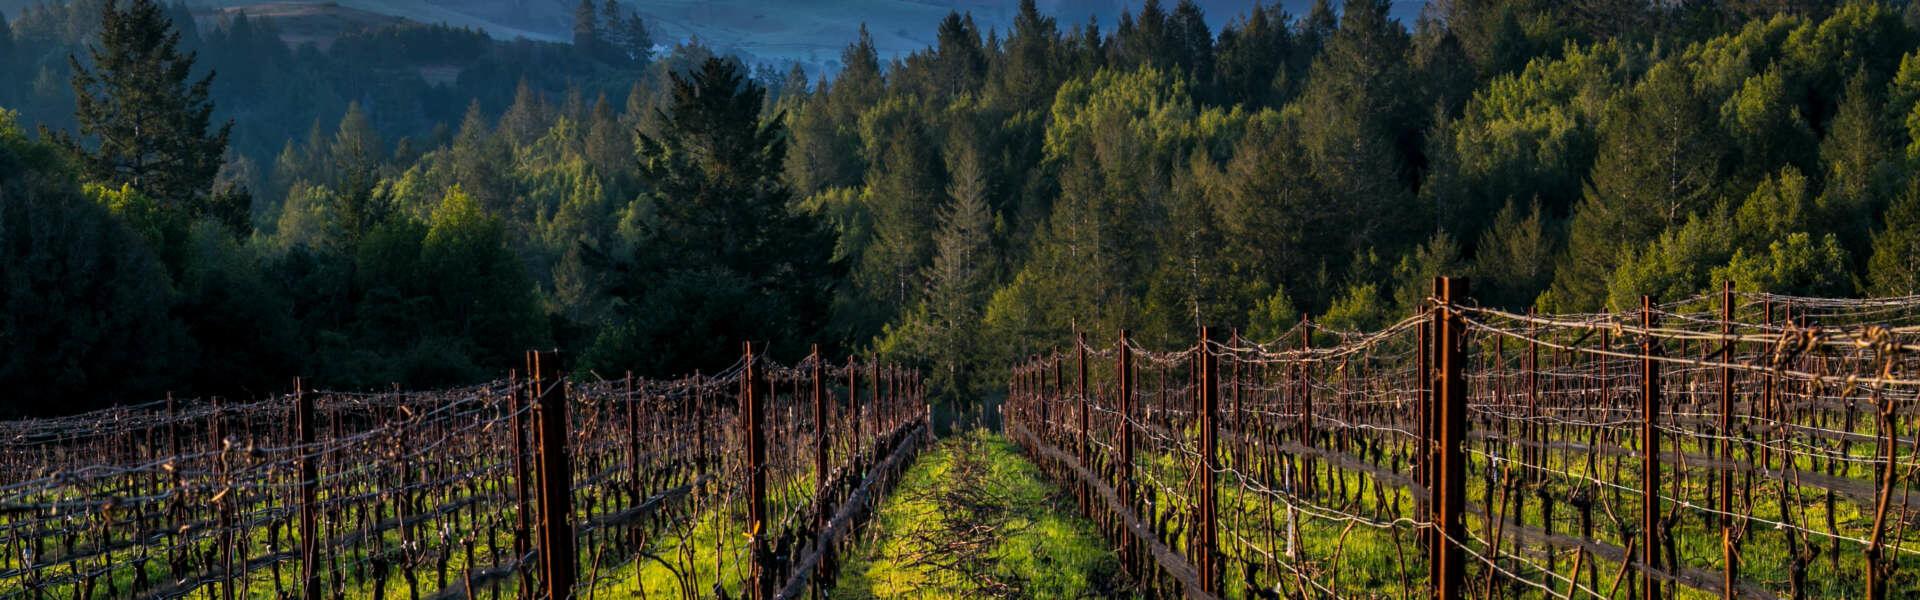 Dalecio Family Wines Cover Image